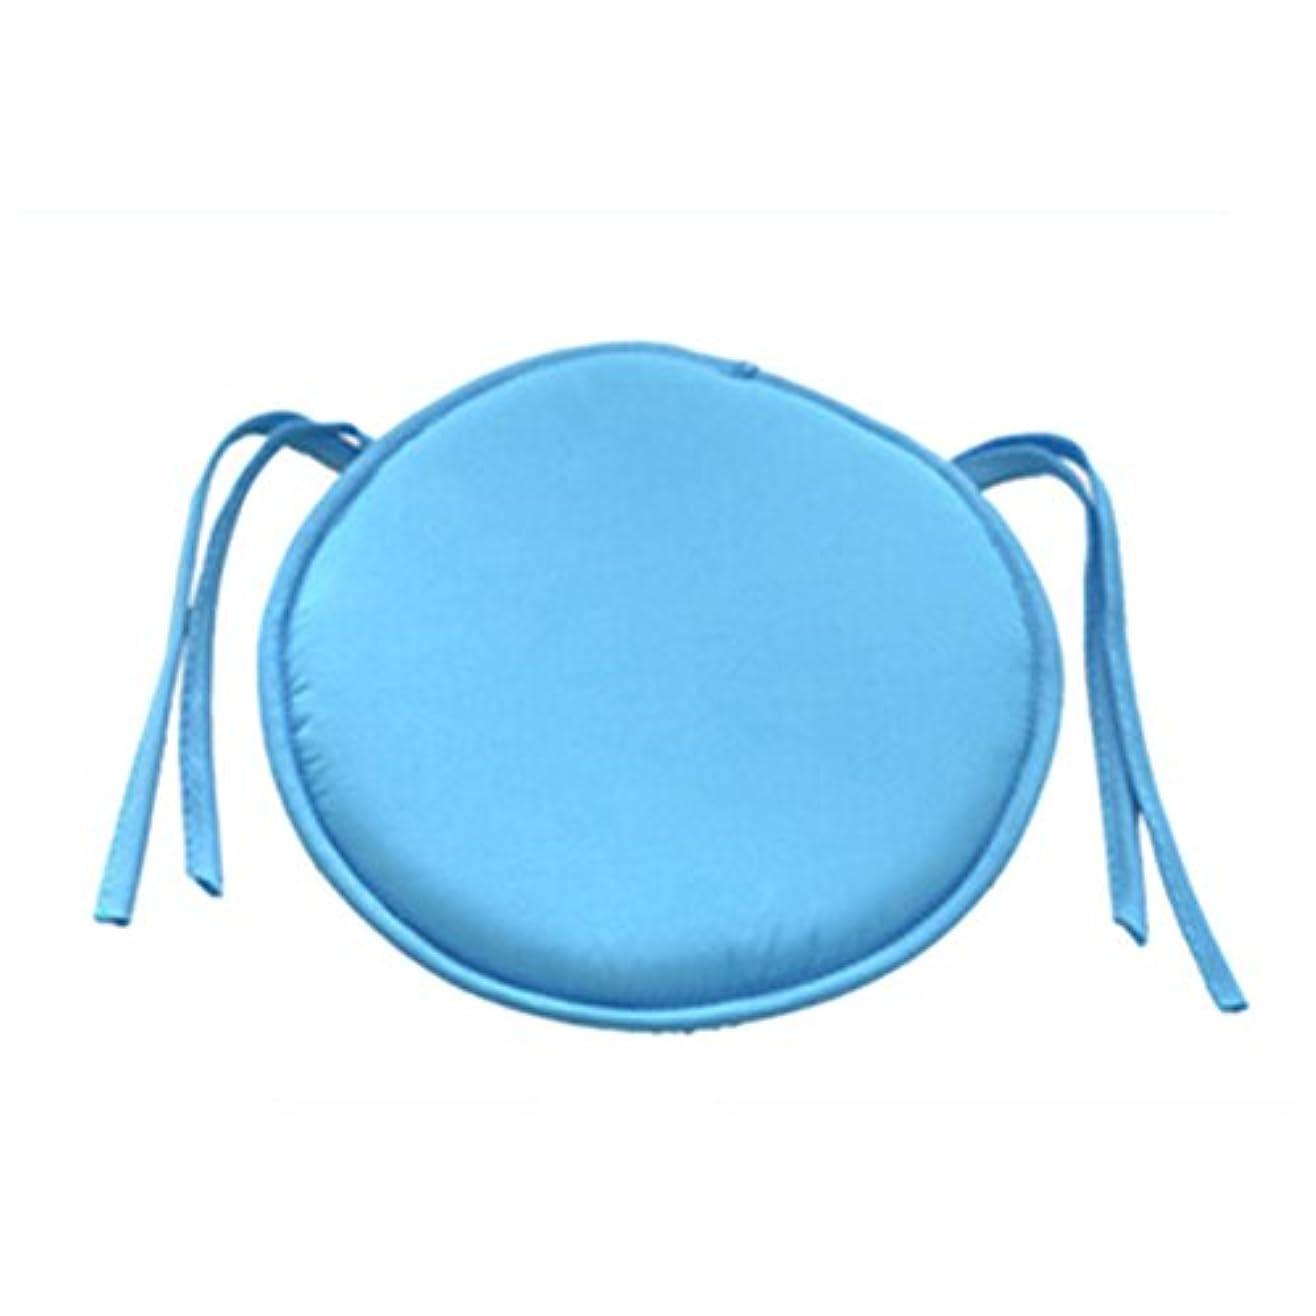 副振る舞い軽SMART ホット販売ラウンドチェアクッション屋内ポップパティオオフィスチェアシートパッドネクタイスクエアガーデンキッチンダイニングクッション クッション 椅子